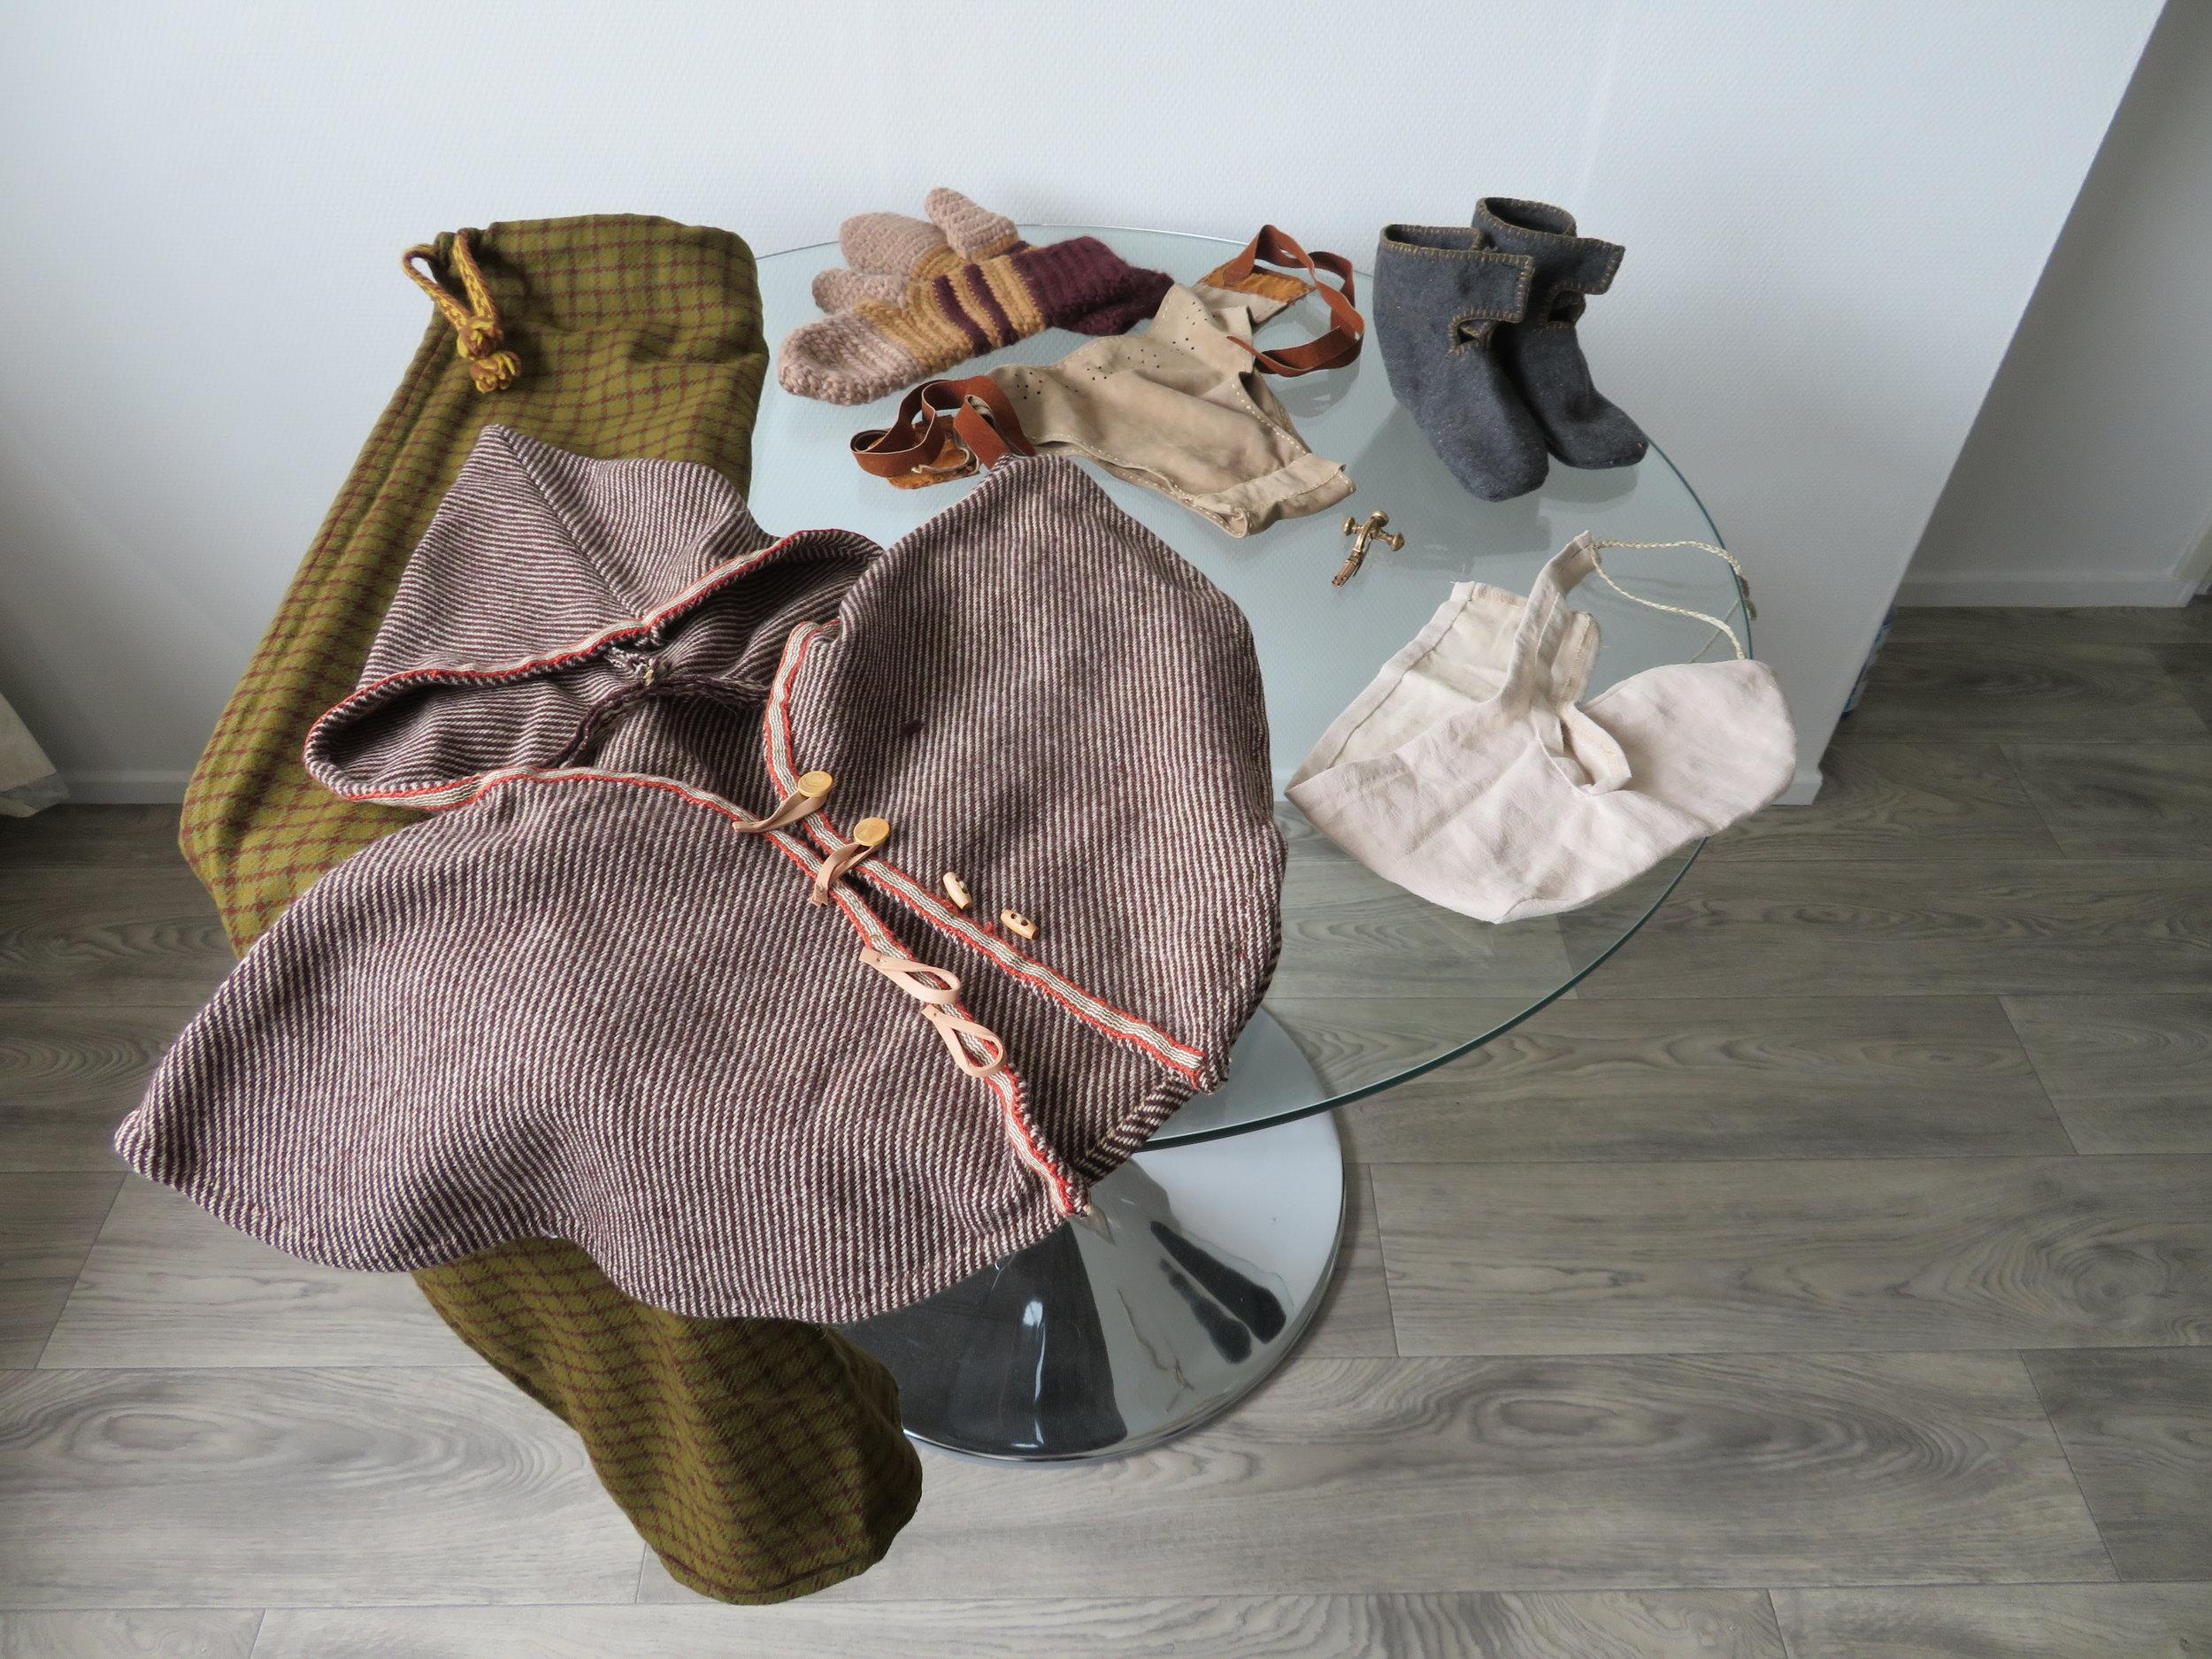 Romeinse kledingonderdelen